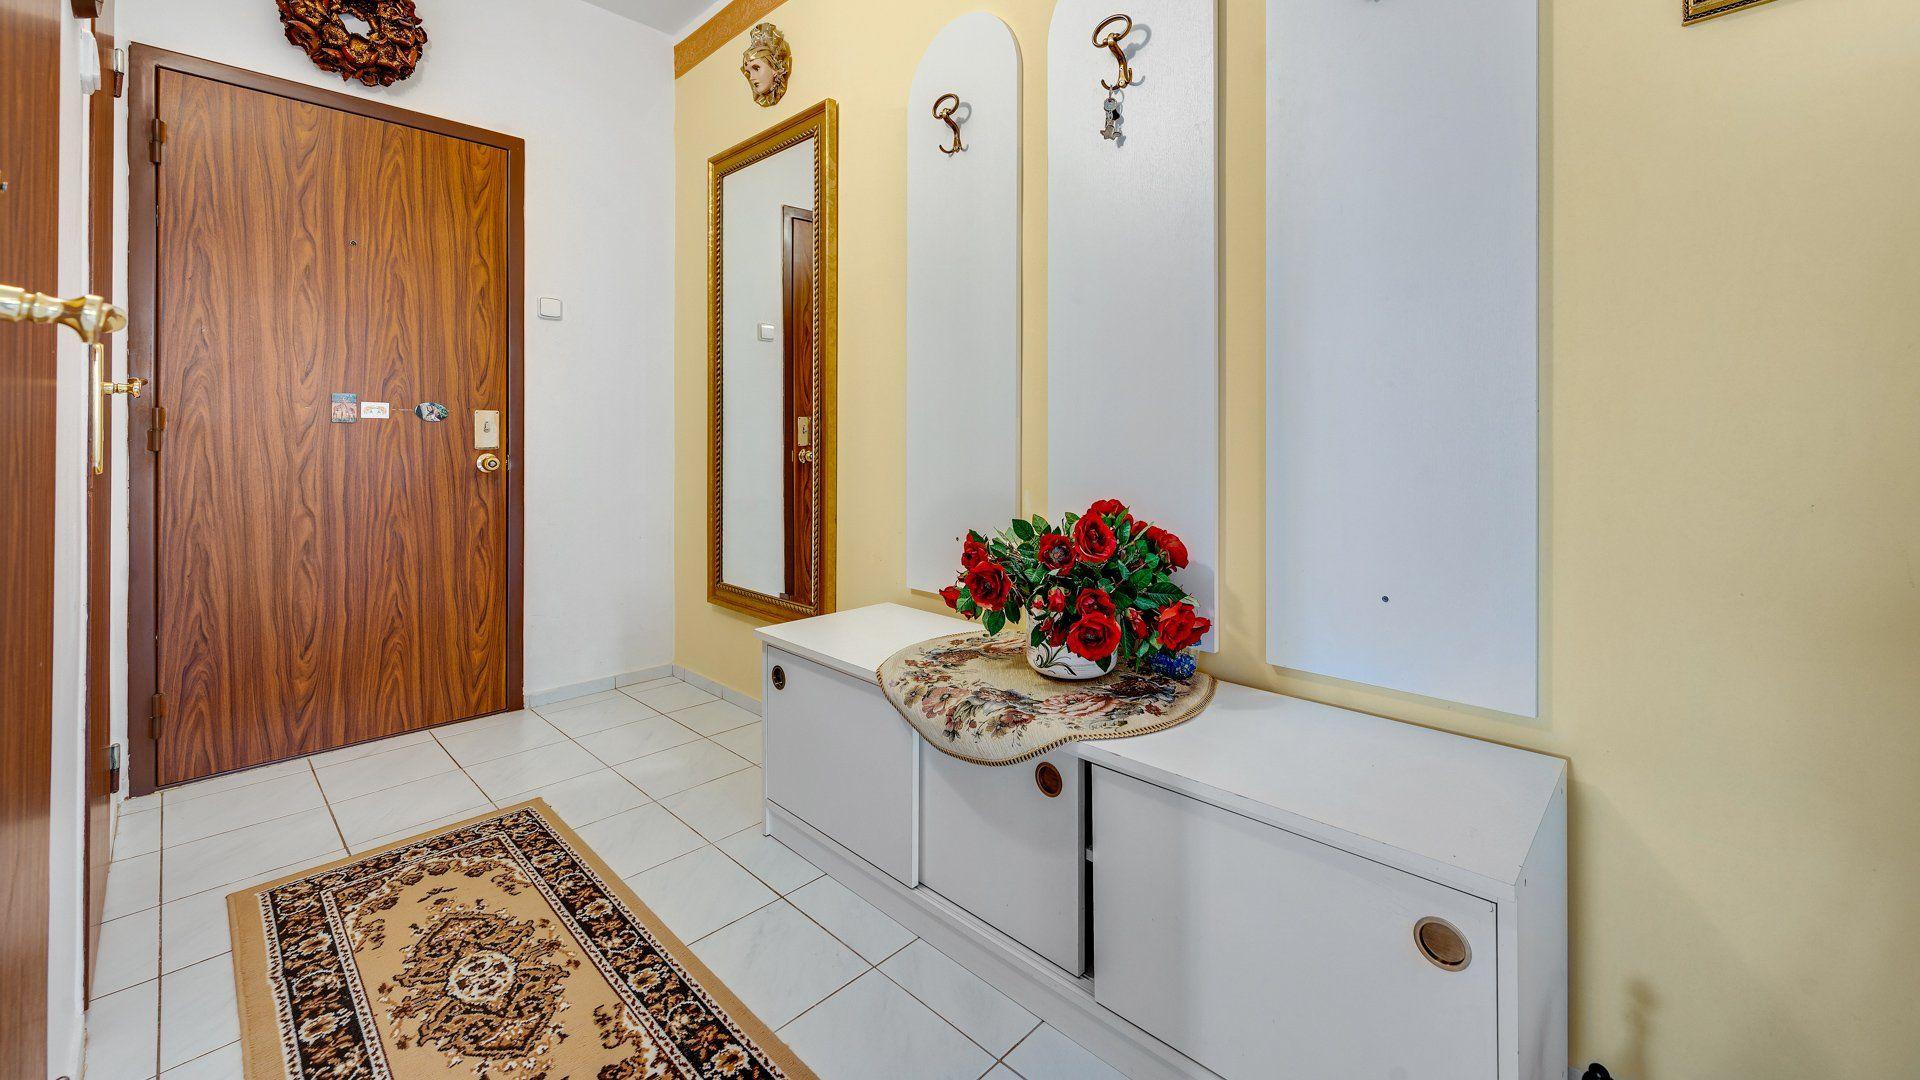 3 izbový byt, kompletne zariadený, čiastočná rekonštrukcia, začiatok Petržalky